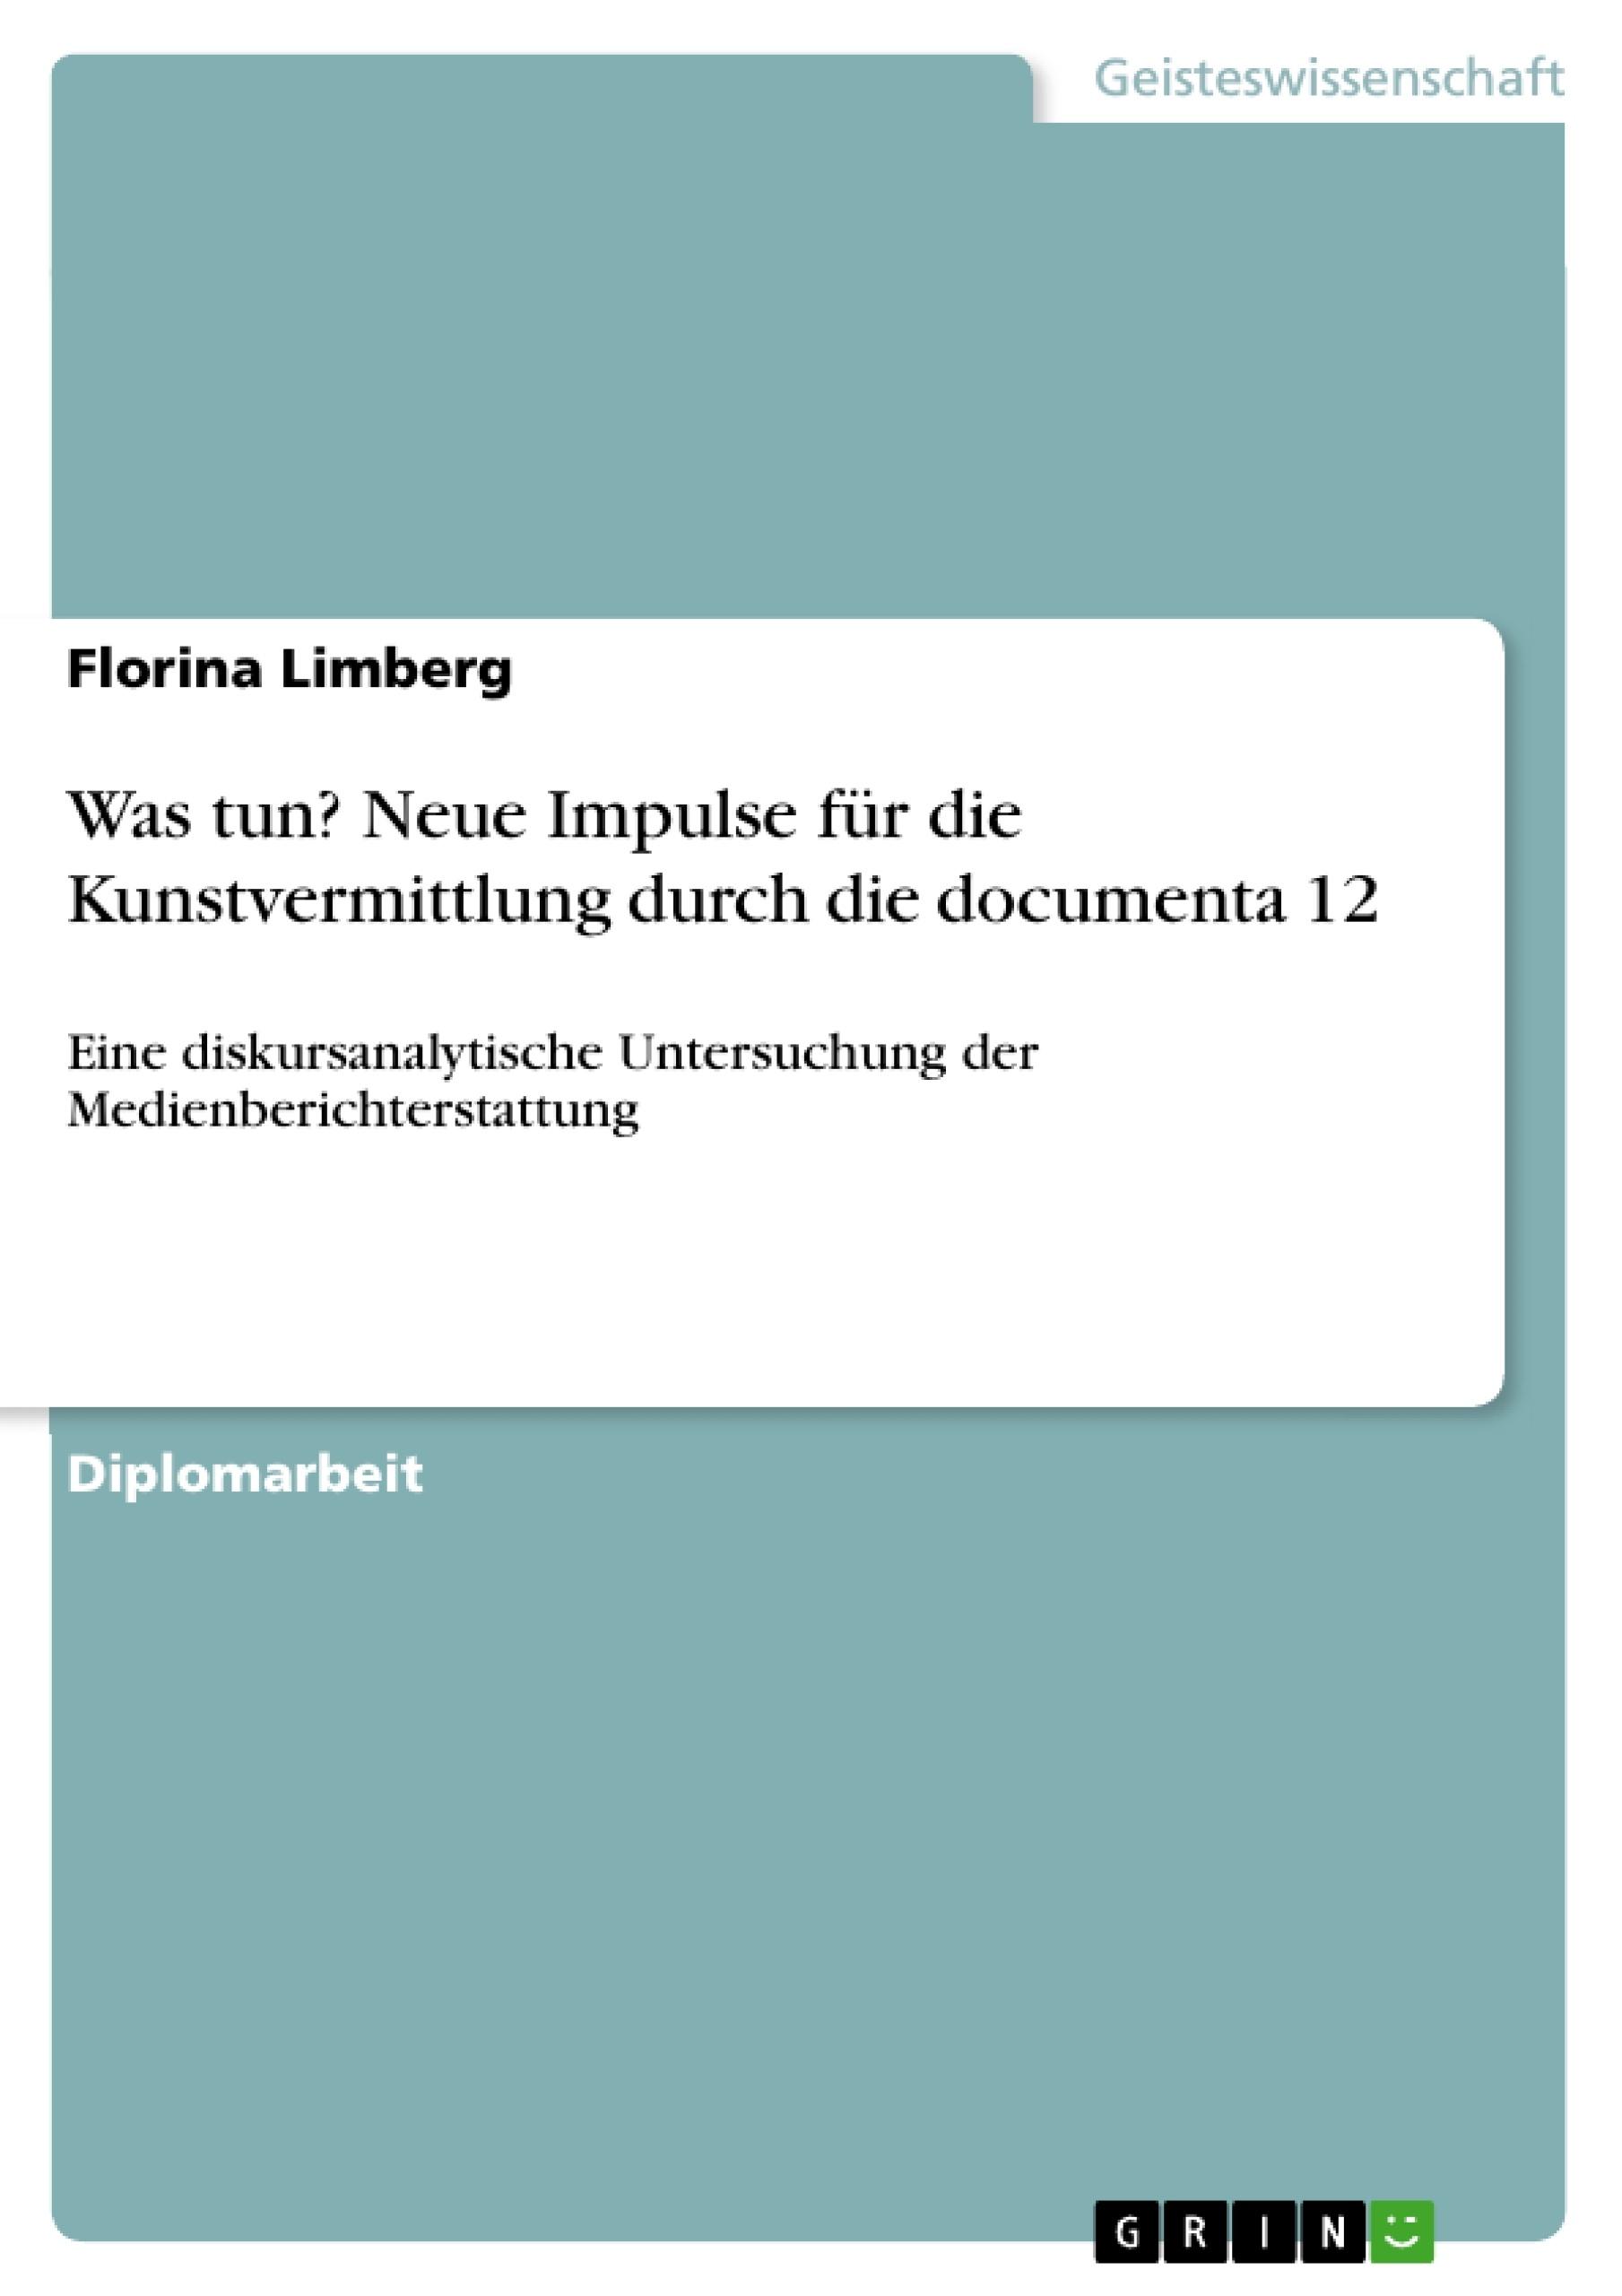 Titel: Was tun? Neue Impulse für die Kunstvermittlung durch die documenta 12